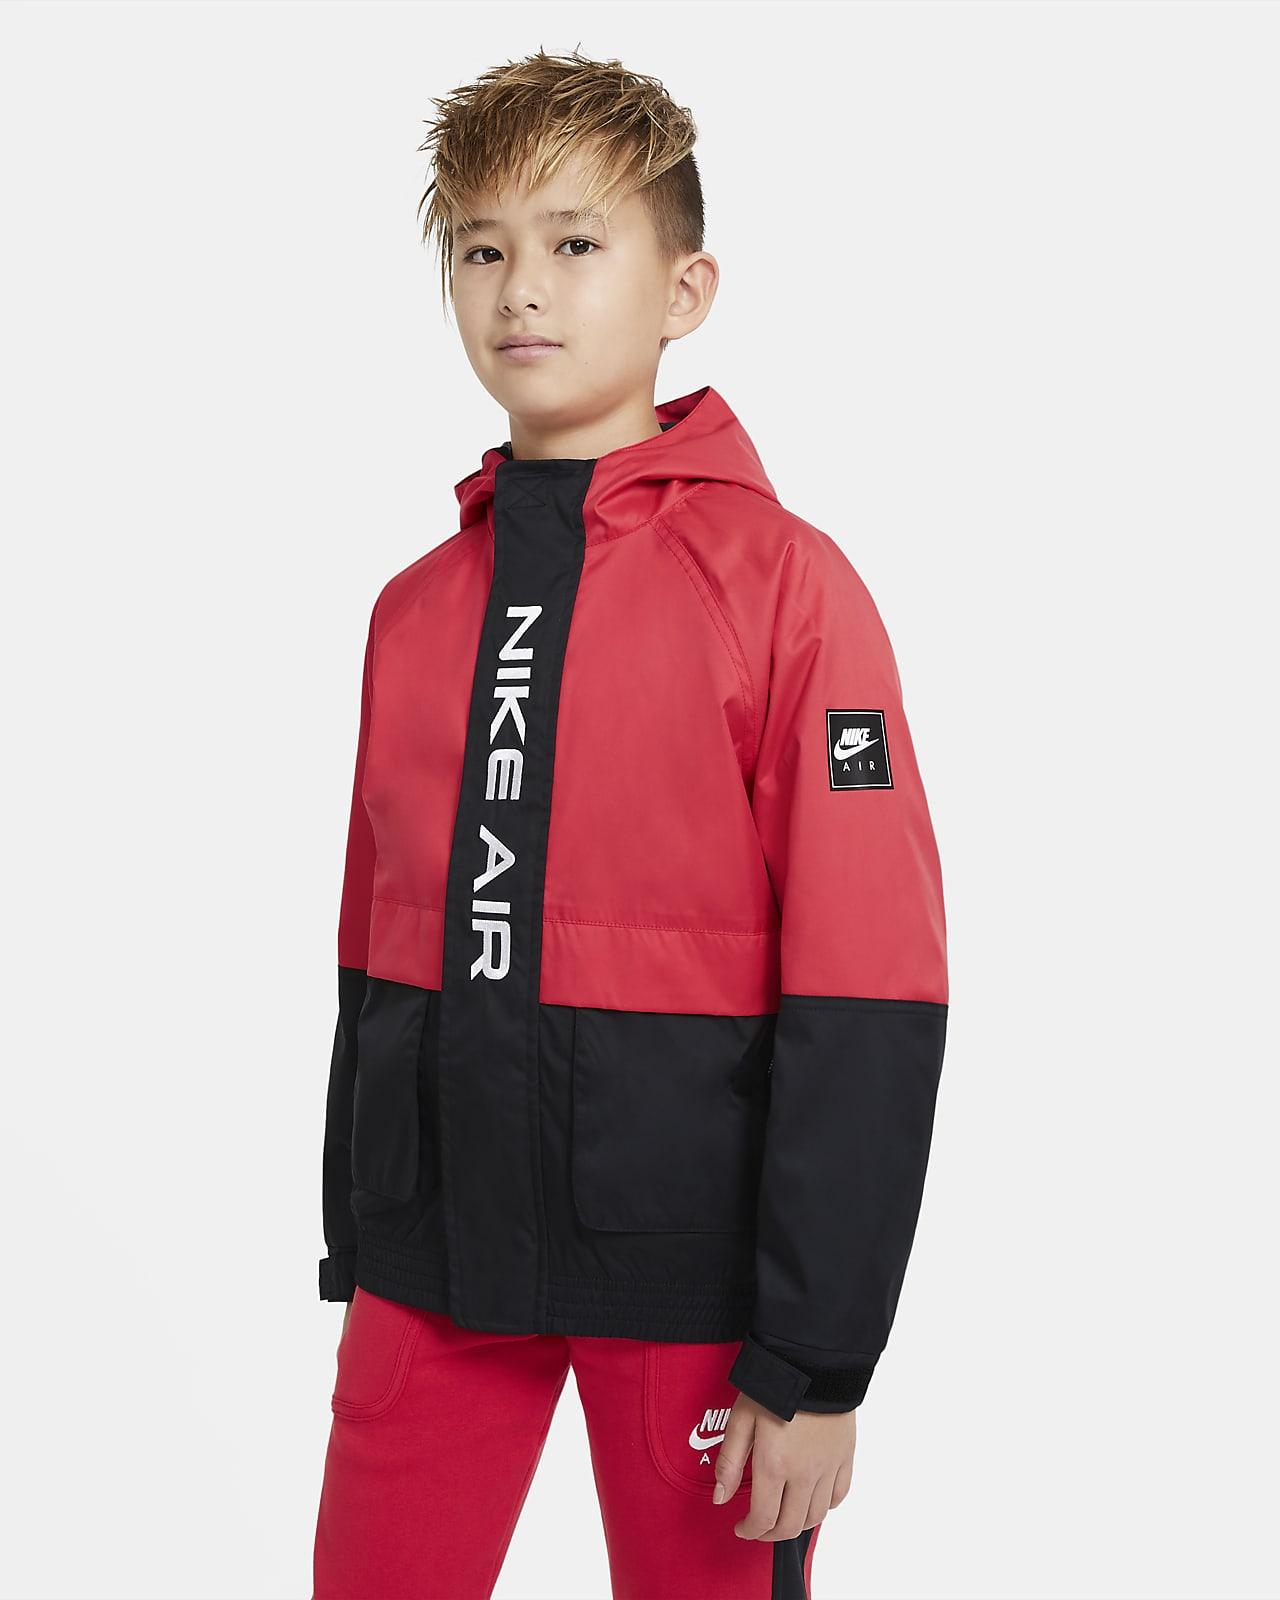 Tkaná bunda Nike Air pro větší děti (chlapce)